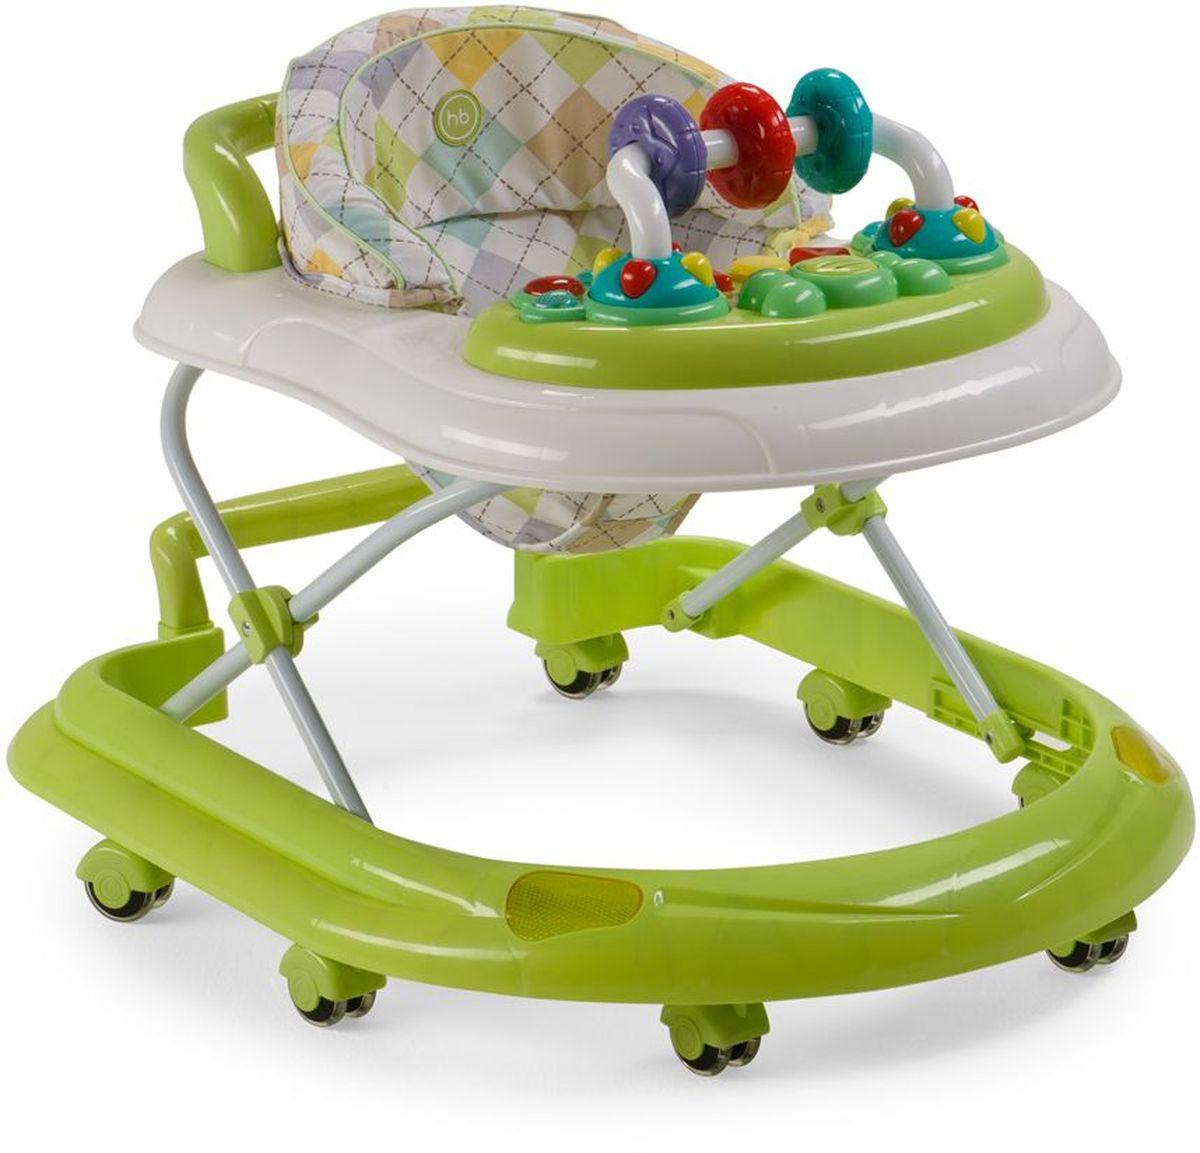 Happy Baby Ходунки Smiley V2 цвет зеленый4650069782858Классические ходунки SMILEY V2 развивают координацию движений и помогут ребёнку научиться держать равновесие. Мягкие цвета ходунков привлекут внимание ребенка. Игровая панель со звуковыми эффектами и игрушками поможет развить у малыша зрение, слух, хватательный рефлекс и мелкую моторику. Мягкое, удобное сиденье легко регулируется в 3-х положениях в зависимости от роста. Ходунки SMILEY V2 оборудованы специальными силиконовыми колесами, которые не поцарапают напольное покрытие. Игровая панель работает от 2-х пальчиковых батареек (тип АА). ТЕХНИЧЕСКИЕ ХАРАКТЕРИСТИКИ: • Возраст: от 7 месяцев • Максимальный вес ребенка: 12 кг • Вес ходунков: 3,5 кг • Габариты в сложенном виде ДхШхВ: 70х59,5х30 см • Габариты в разложенном виде ДхШхВ: 70х59,5х54 см • Регулируемое сиденье: да ИНФОРМАЦИЯ О ТОВАРЕ: • Регулируются по высоте, 3 положения • Развивают координацию движений • Учат ребенка держать равновесие • На задней части...